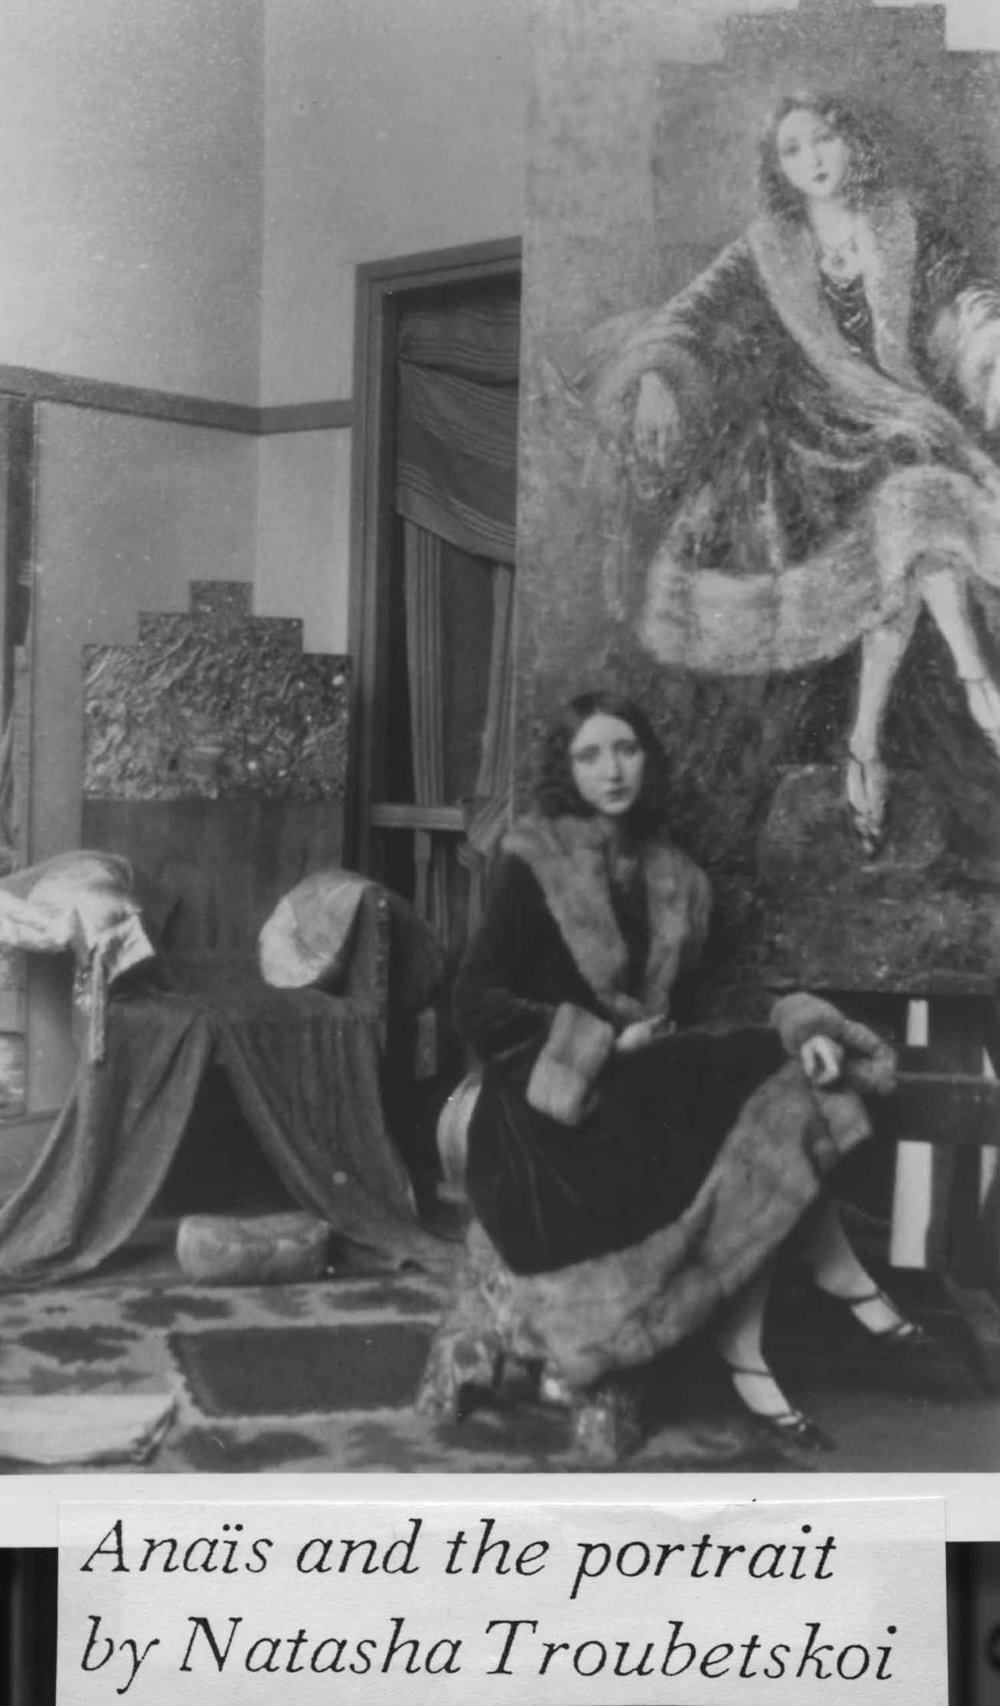 Anais 1929 portrait Troubetskoi.jpg